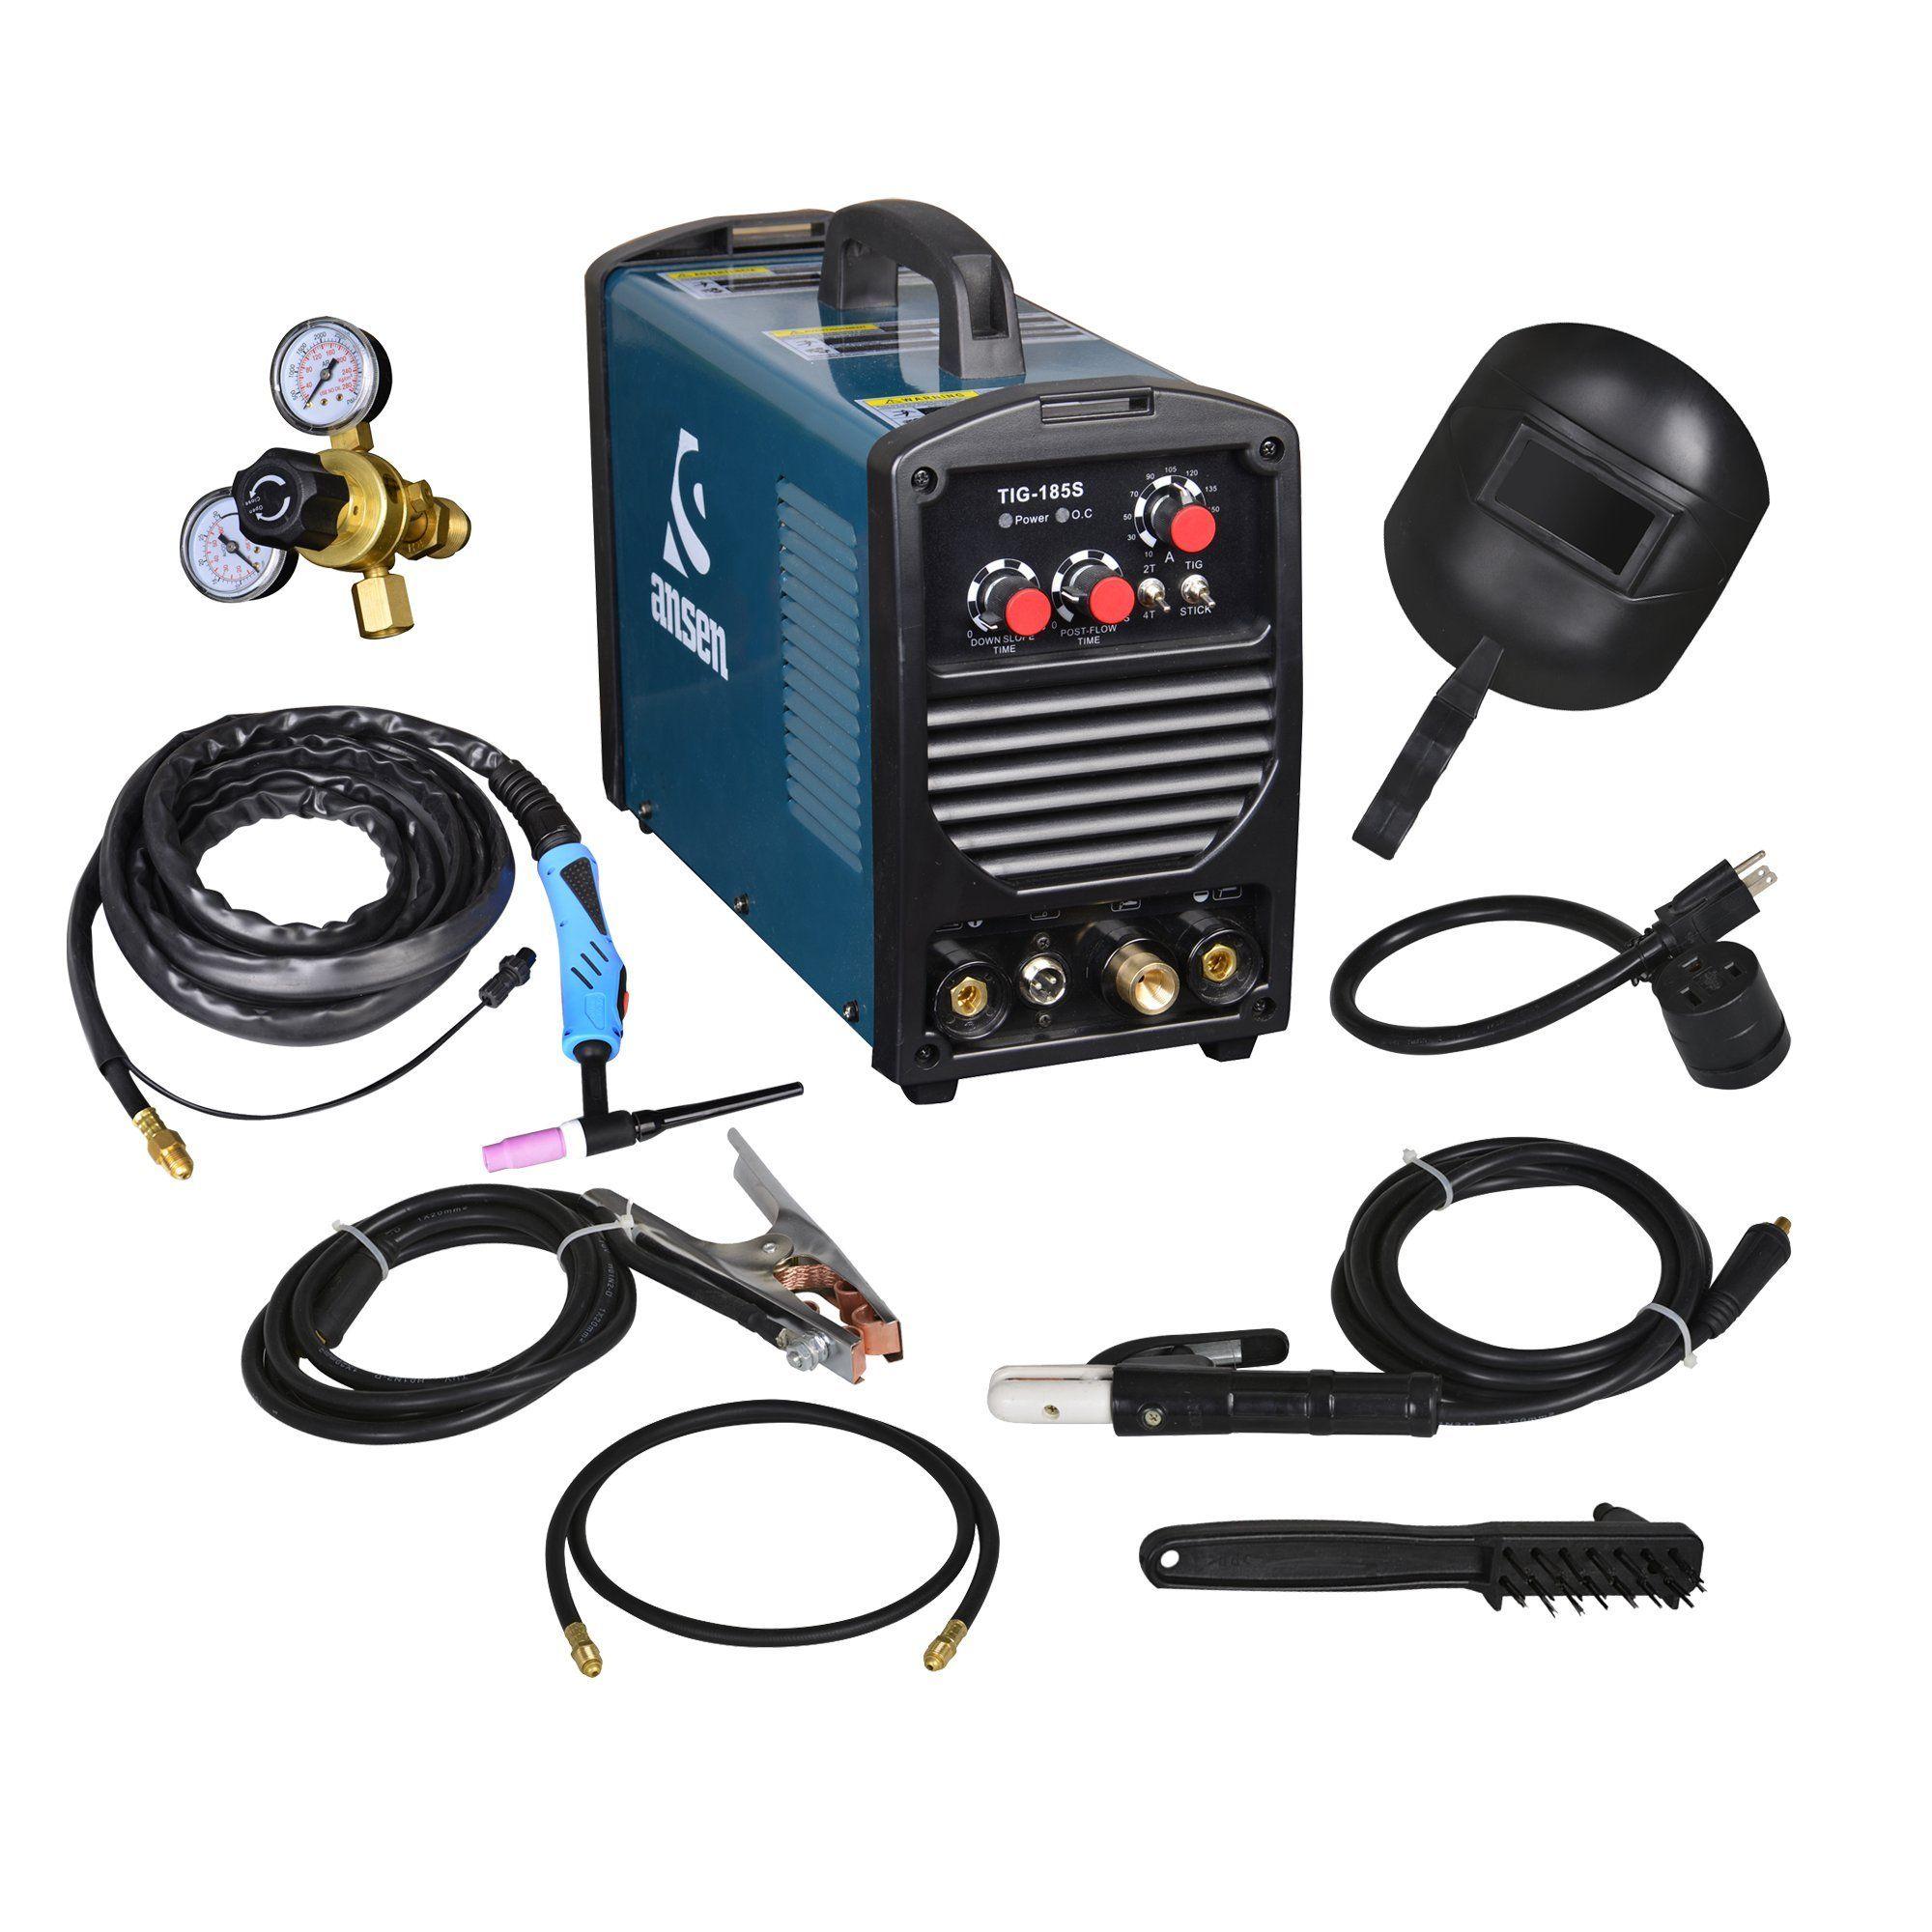 Ansen Portable IGBT Inverter Welder 115V/230V Dual Voltage TIG&STICK ...